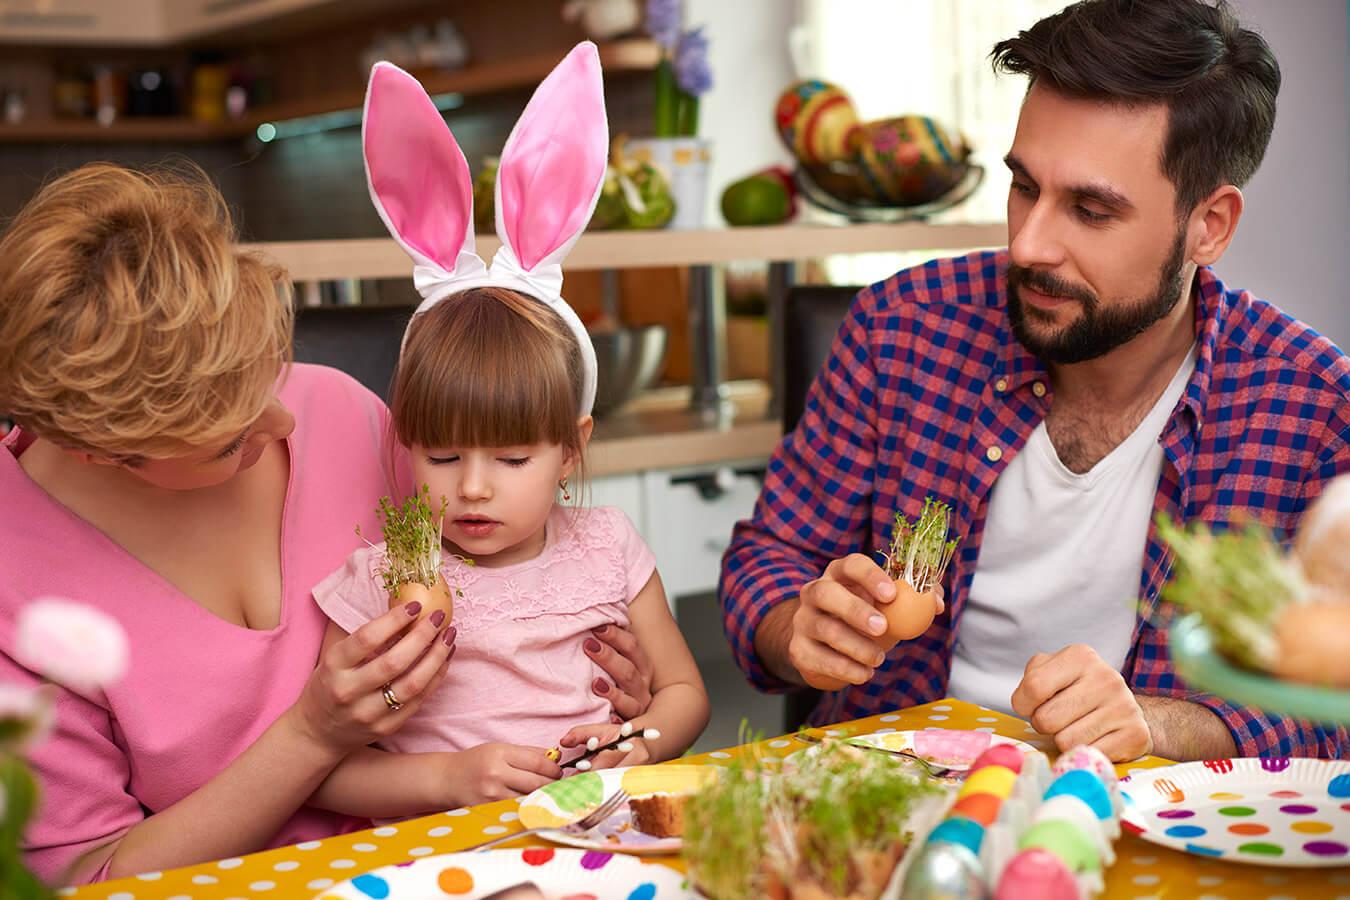 Rzeżucha na Wielkanoc – kiedy i jak siać rzeżuchę wielkanocną?